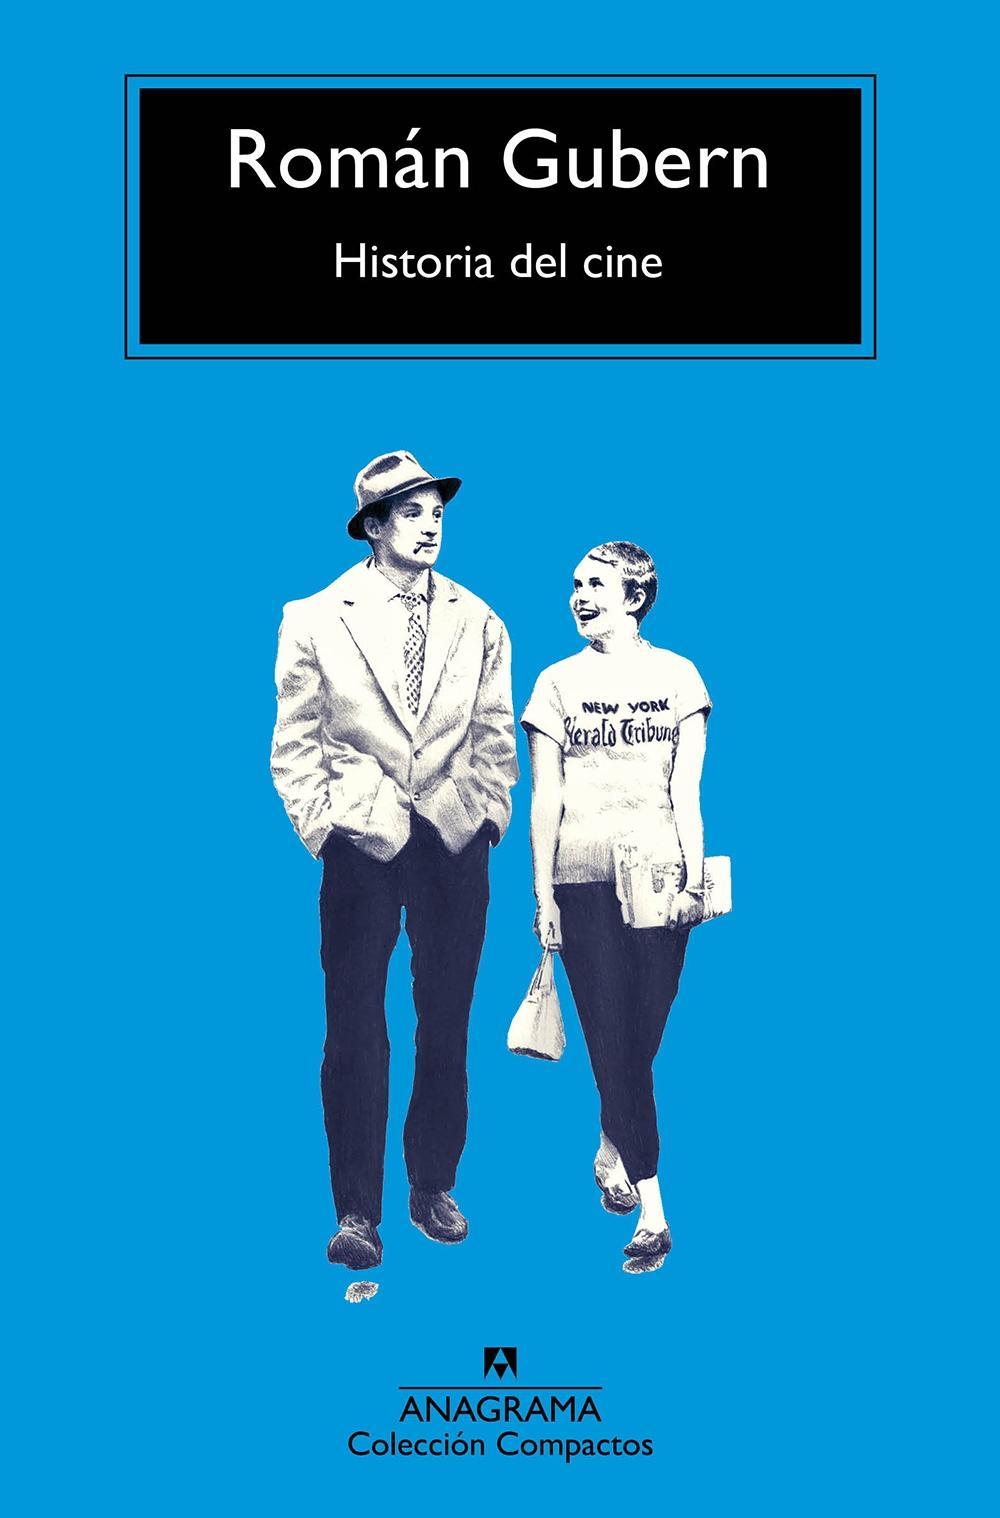 HISTORIA DEL CINE- Roman Gubern-Editorial Anagrama